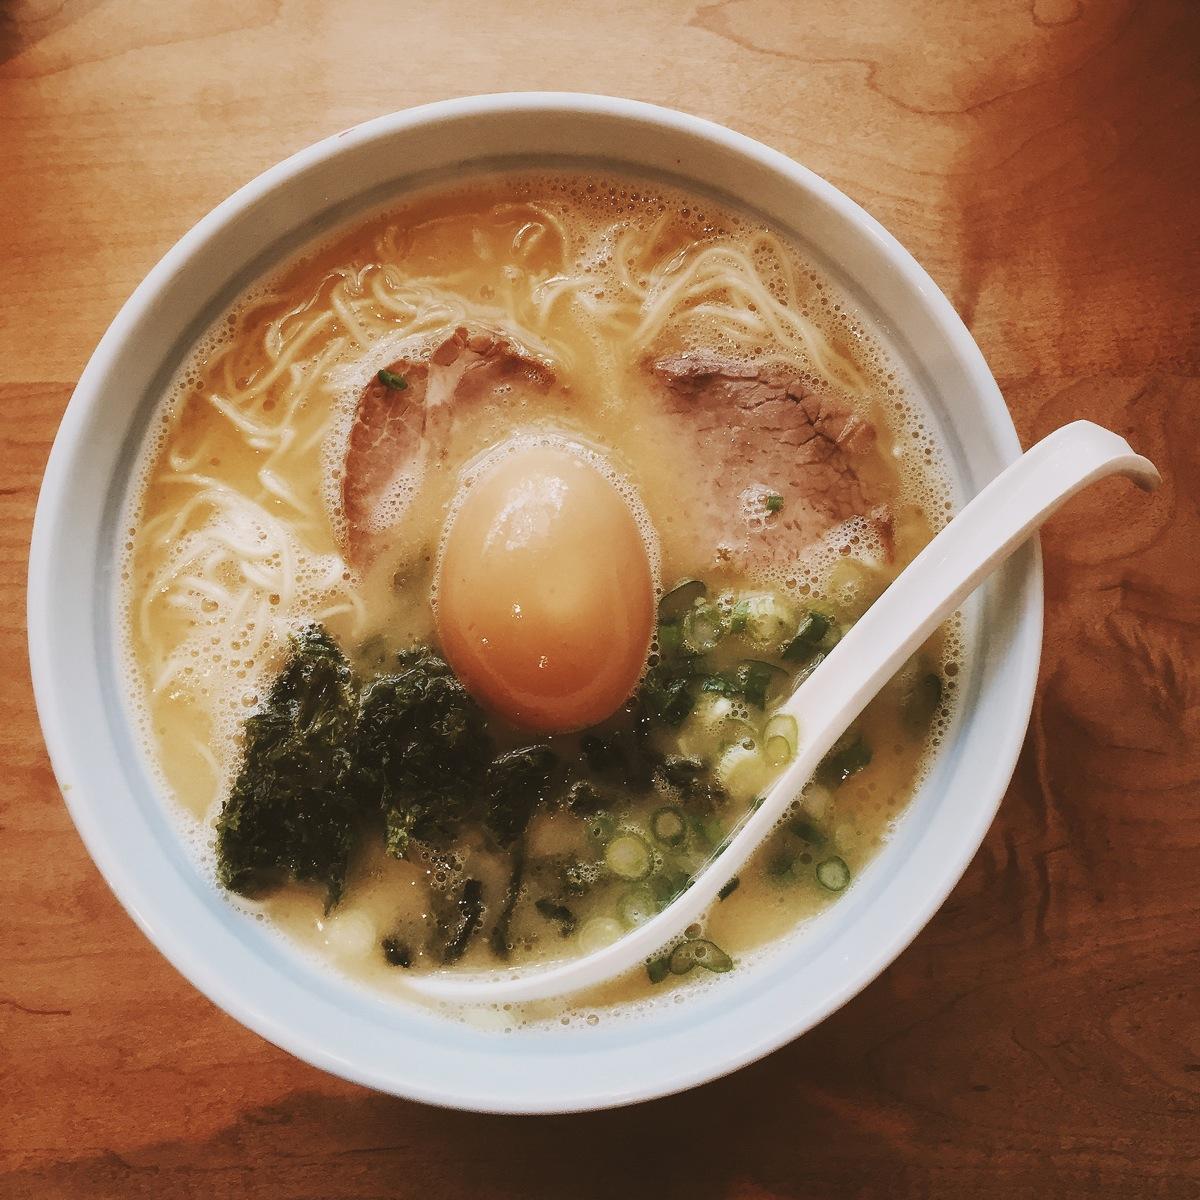 Vancouver Ramen noodles